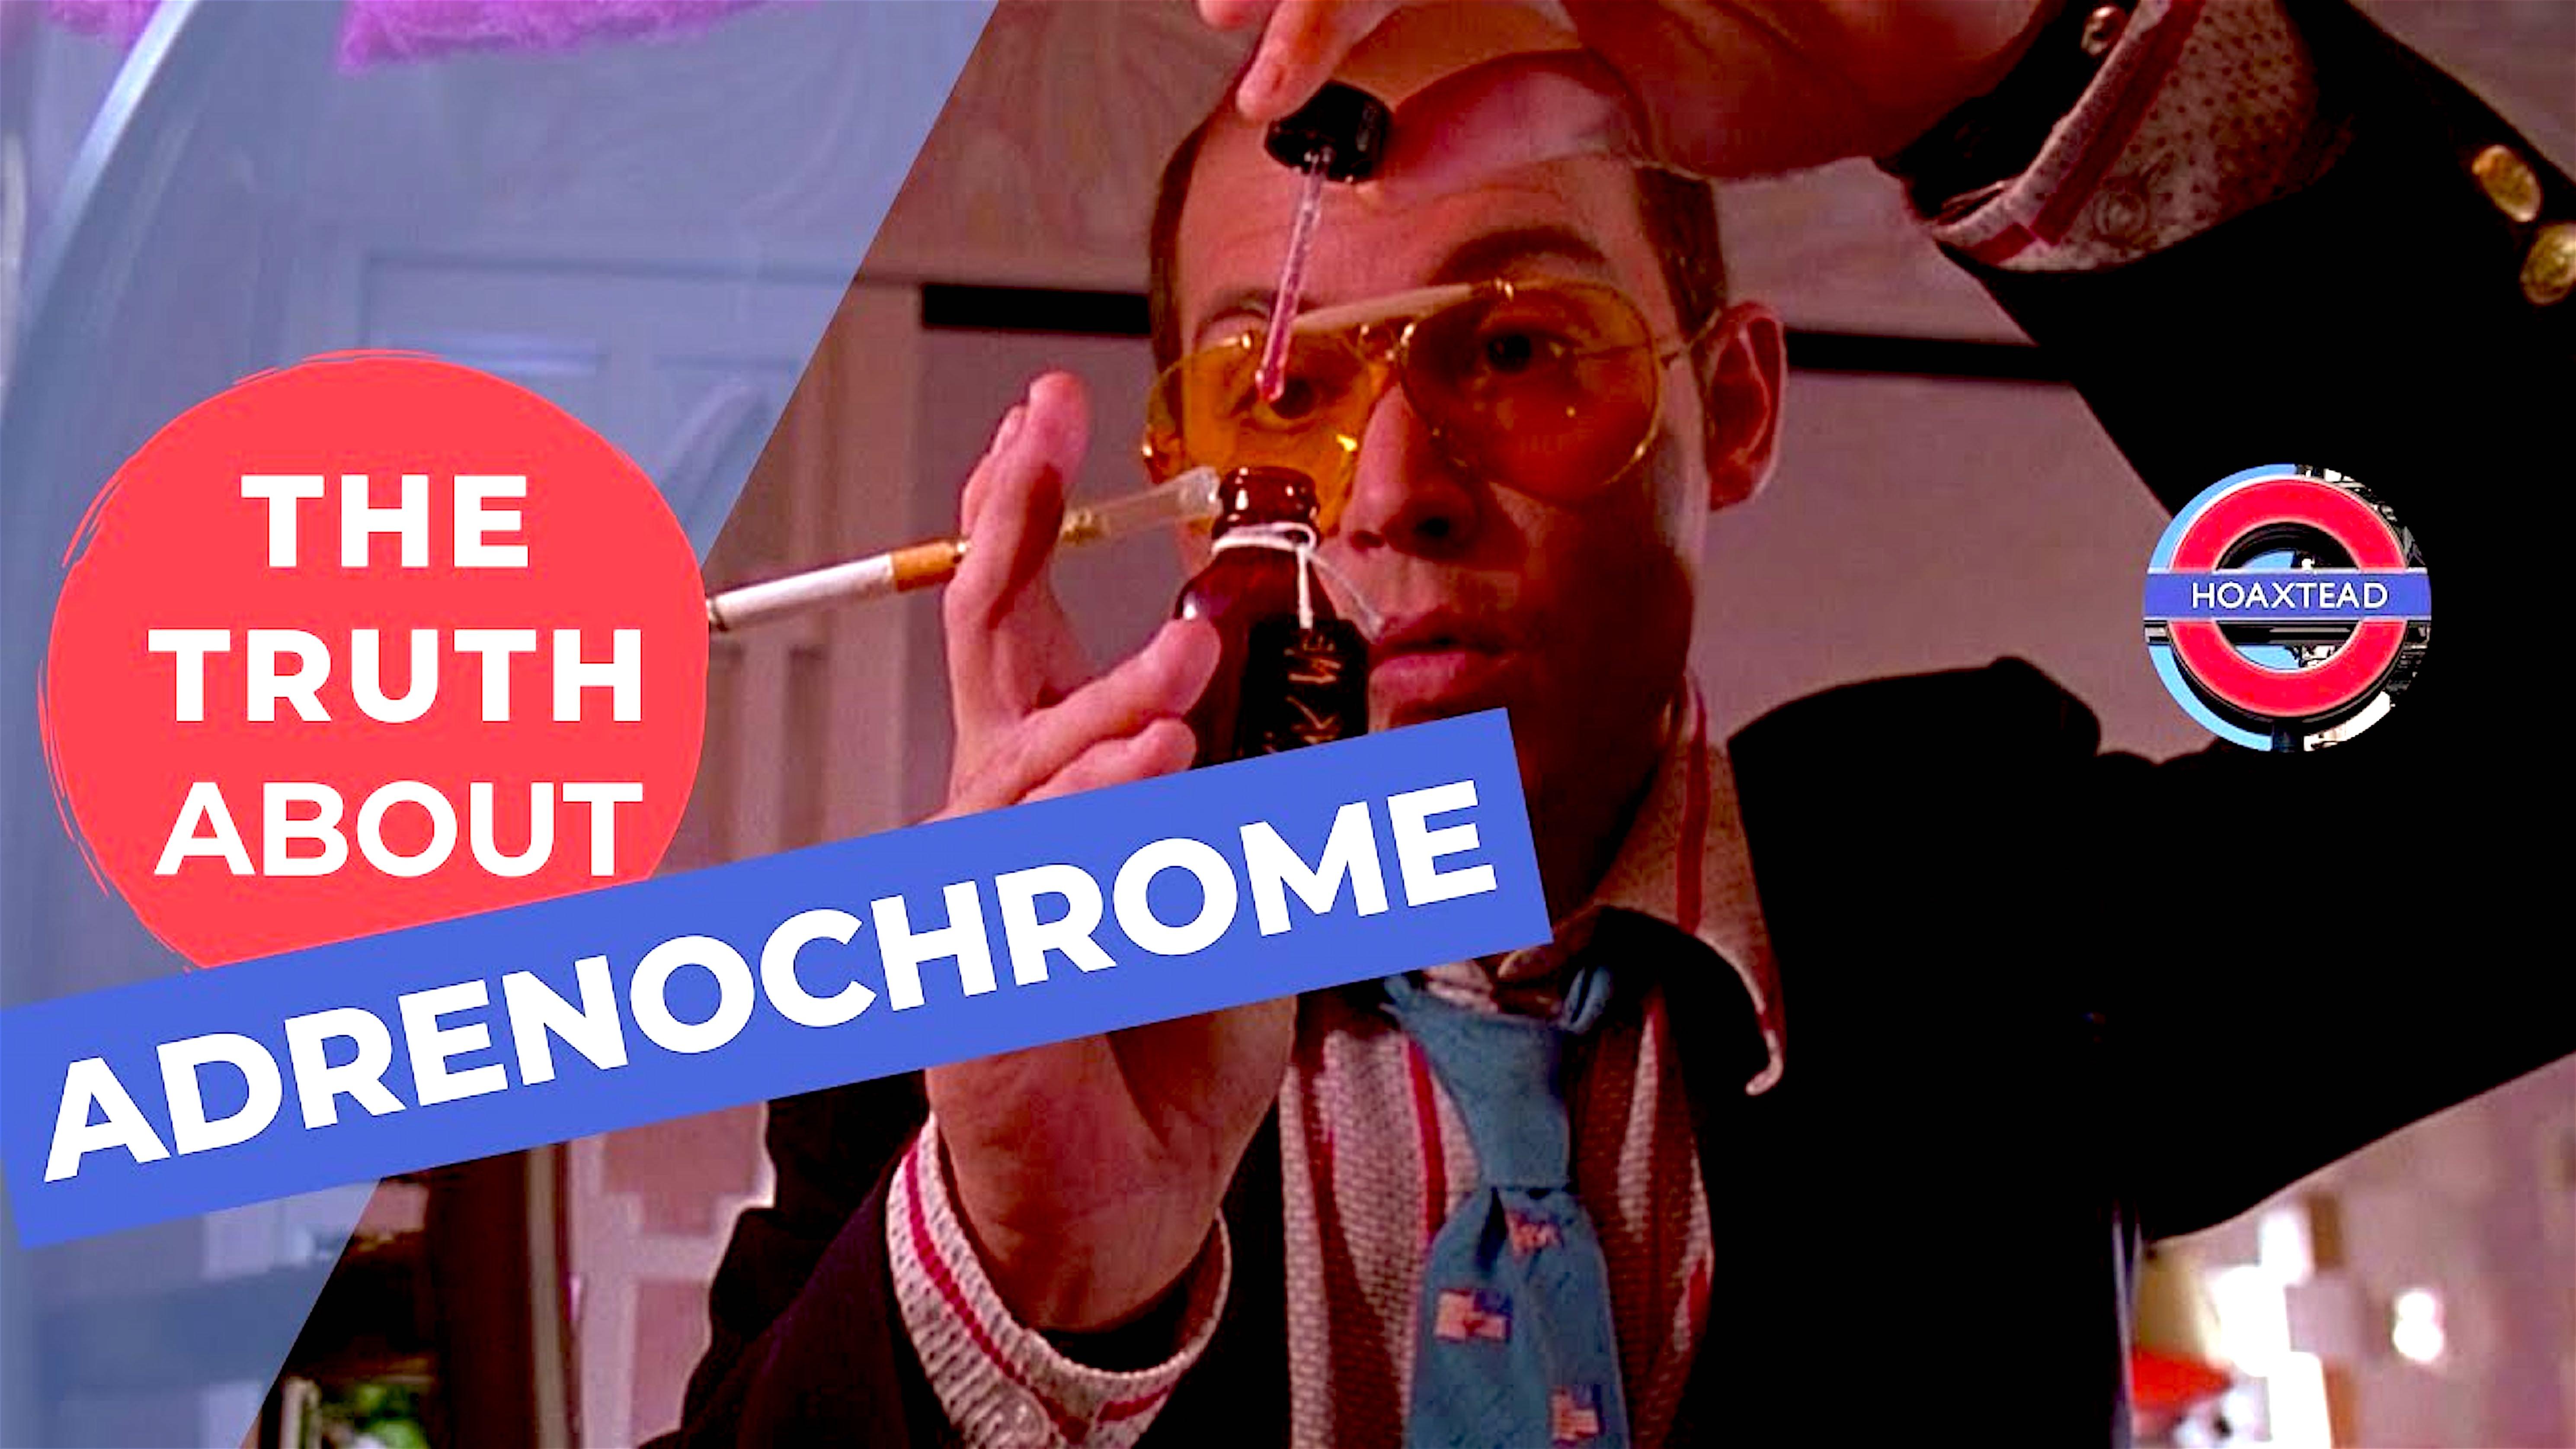 The Truth about Andrenochrome (foto FuzzyFun)